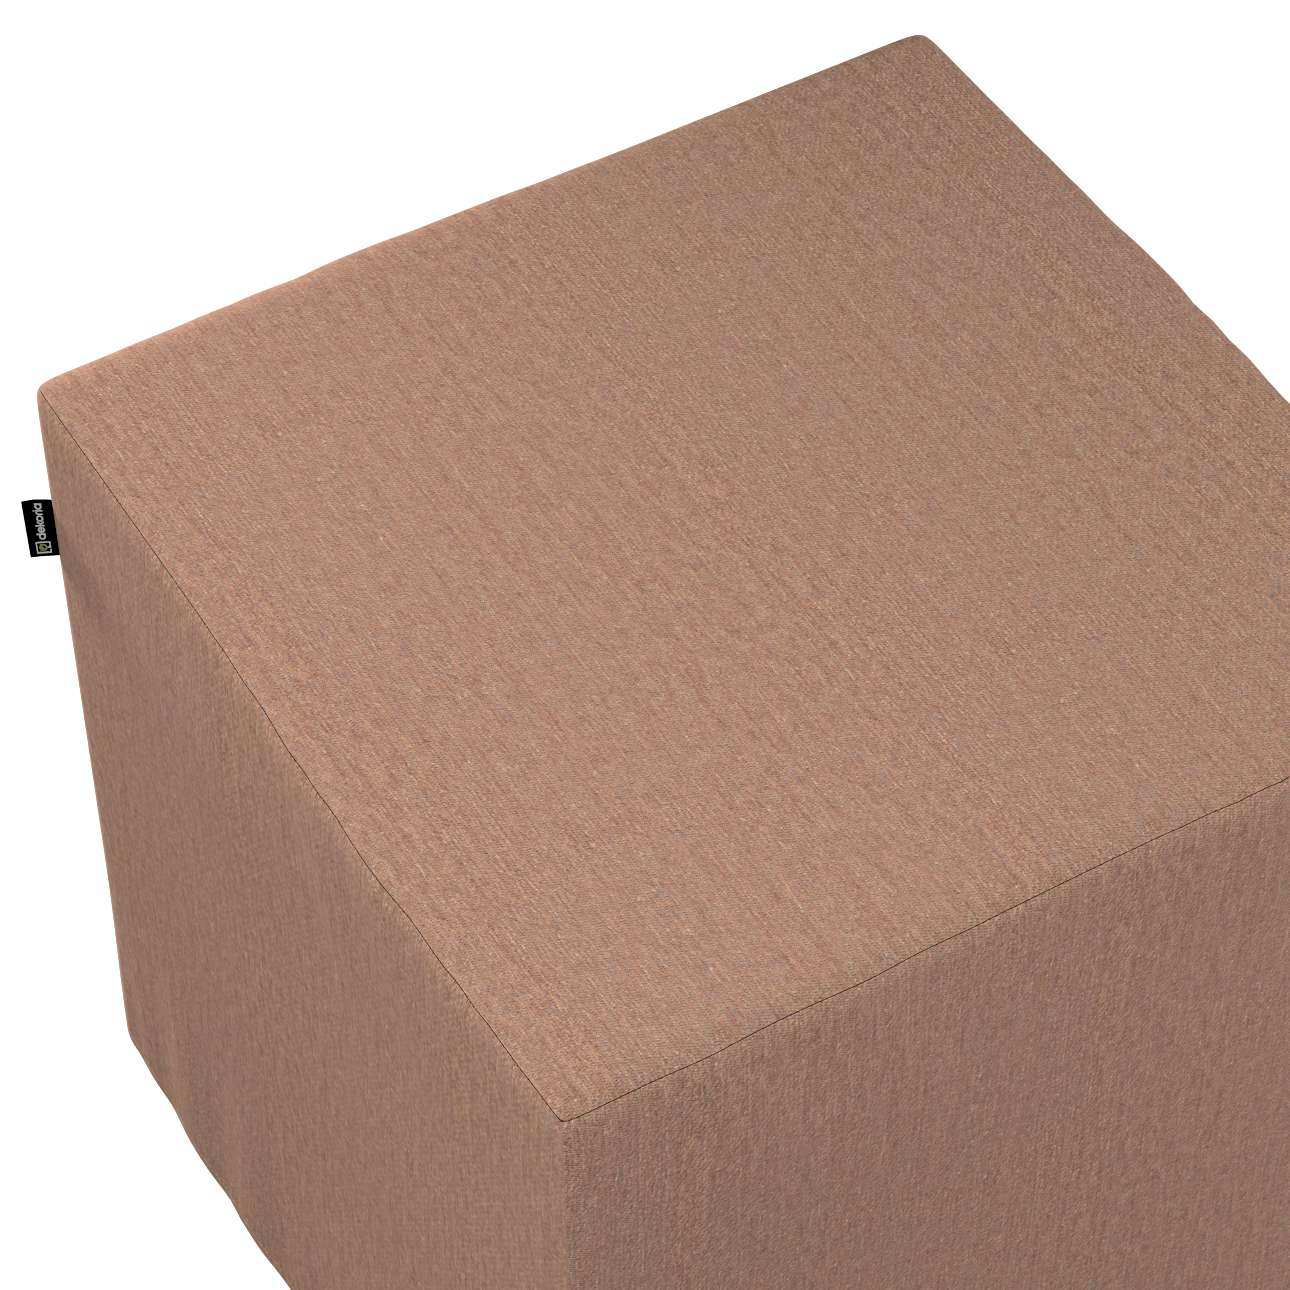 Pokrowiec na pufę kostkę w kolekcji Chenille, tkanina: 702-21